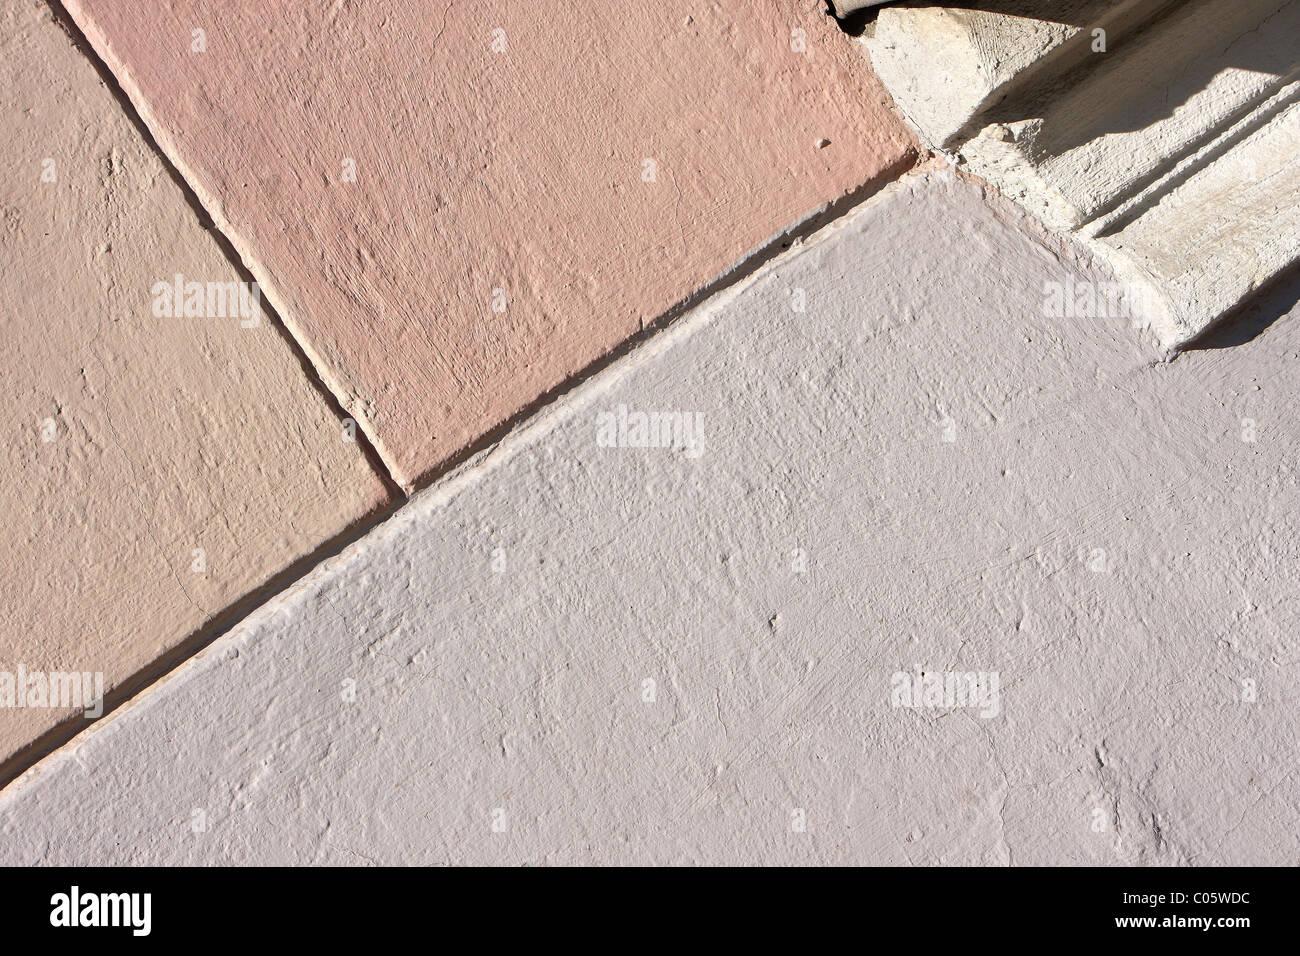 Die konkrete Struktur, bestehend aus Gips Stockbild